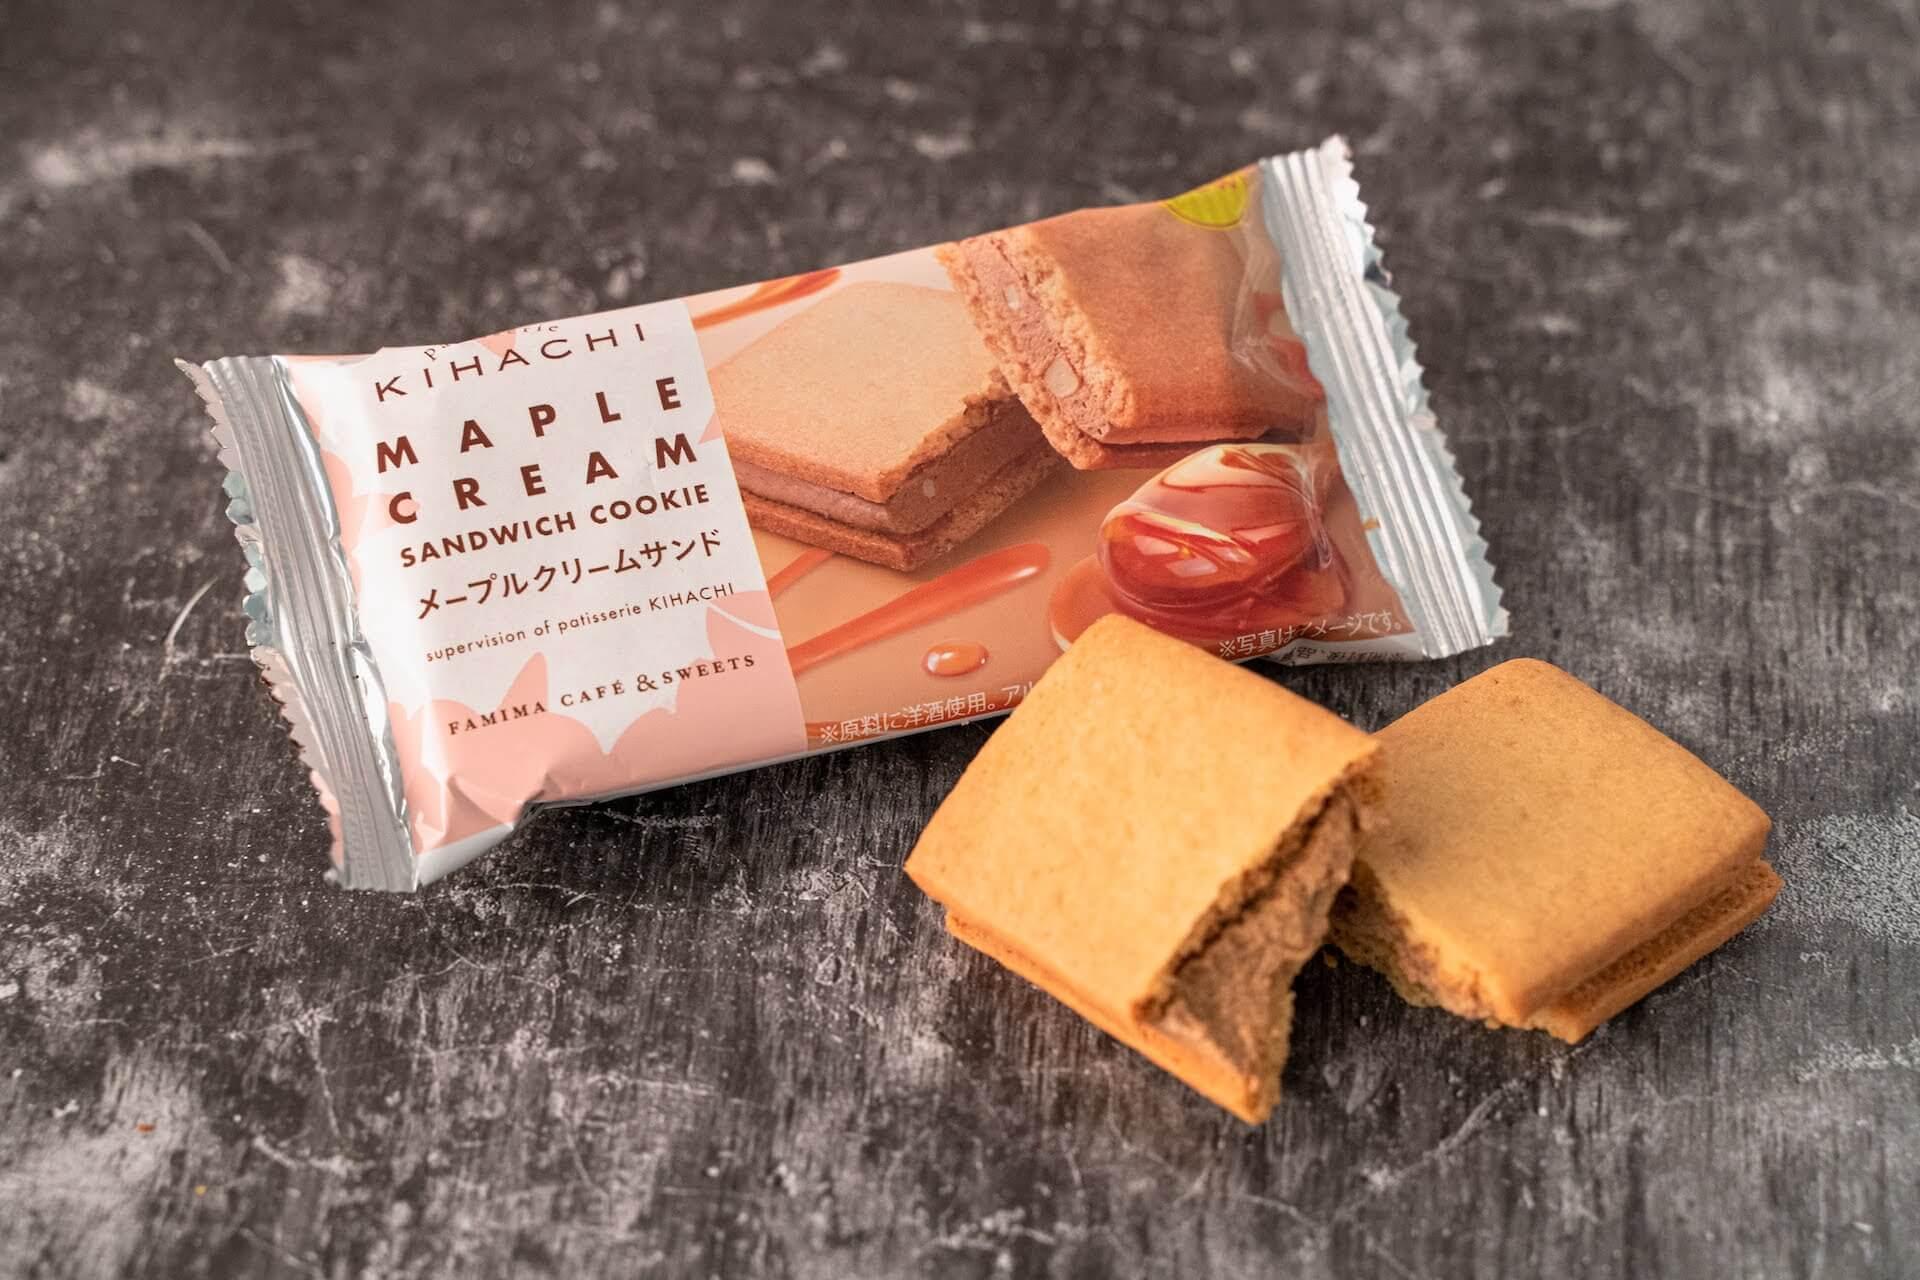 ファミリーマートにてpatisserie KIHACHI監修の焼き菓子5種類が新登場!メープルたっぷりの「メープルバウムクーヘン」など5種類 gourmet210319_familymart_bake_1